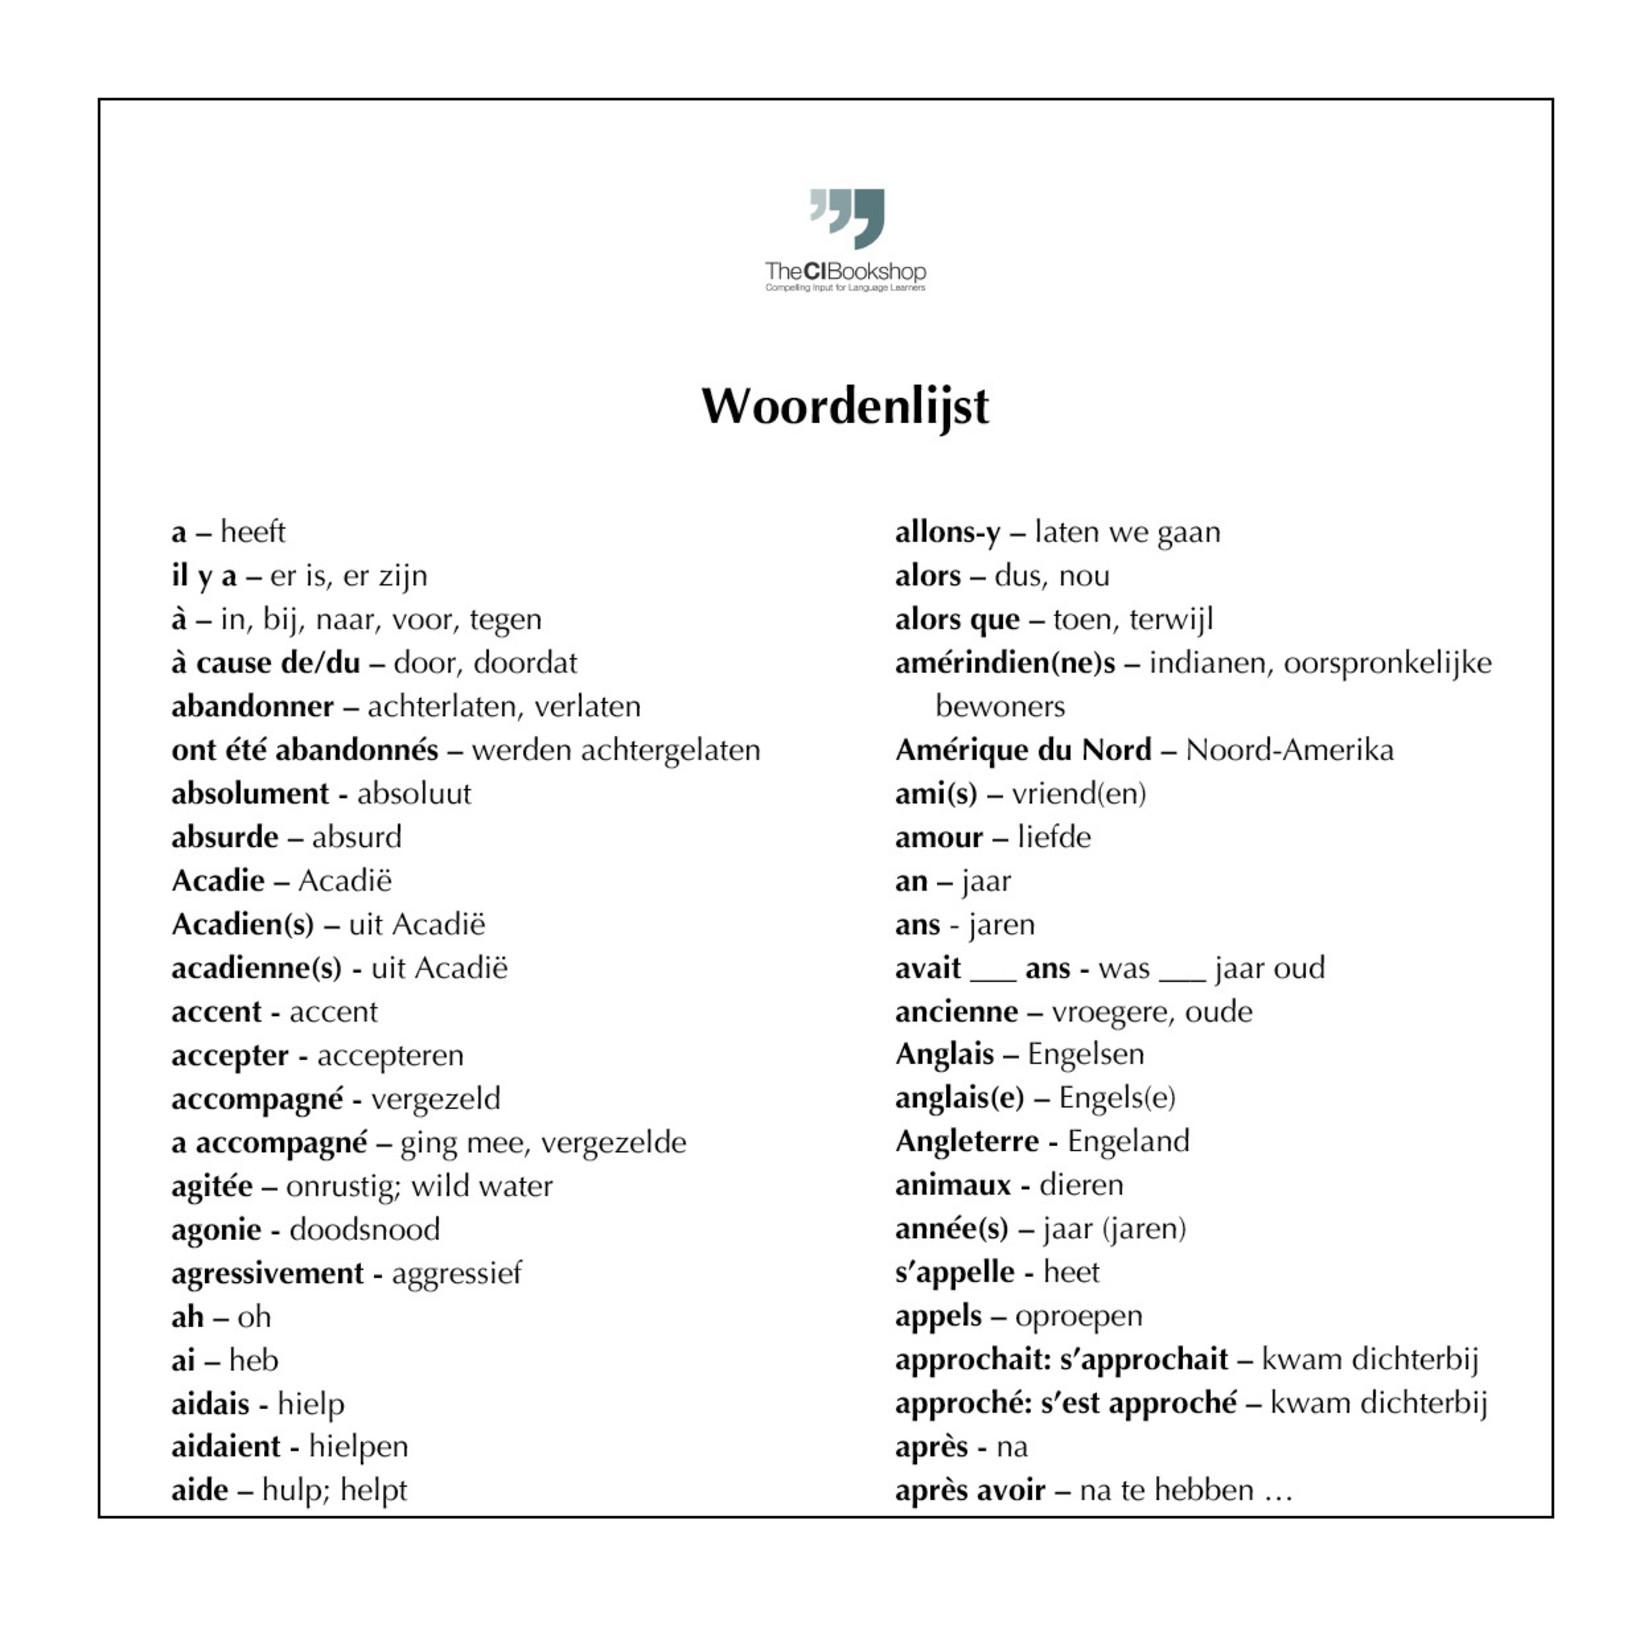 Woordenlijst Presque mort